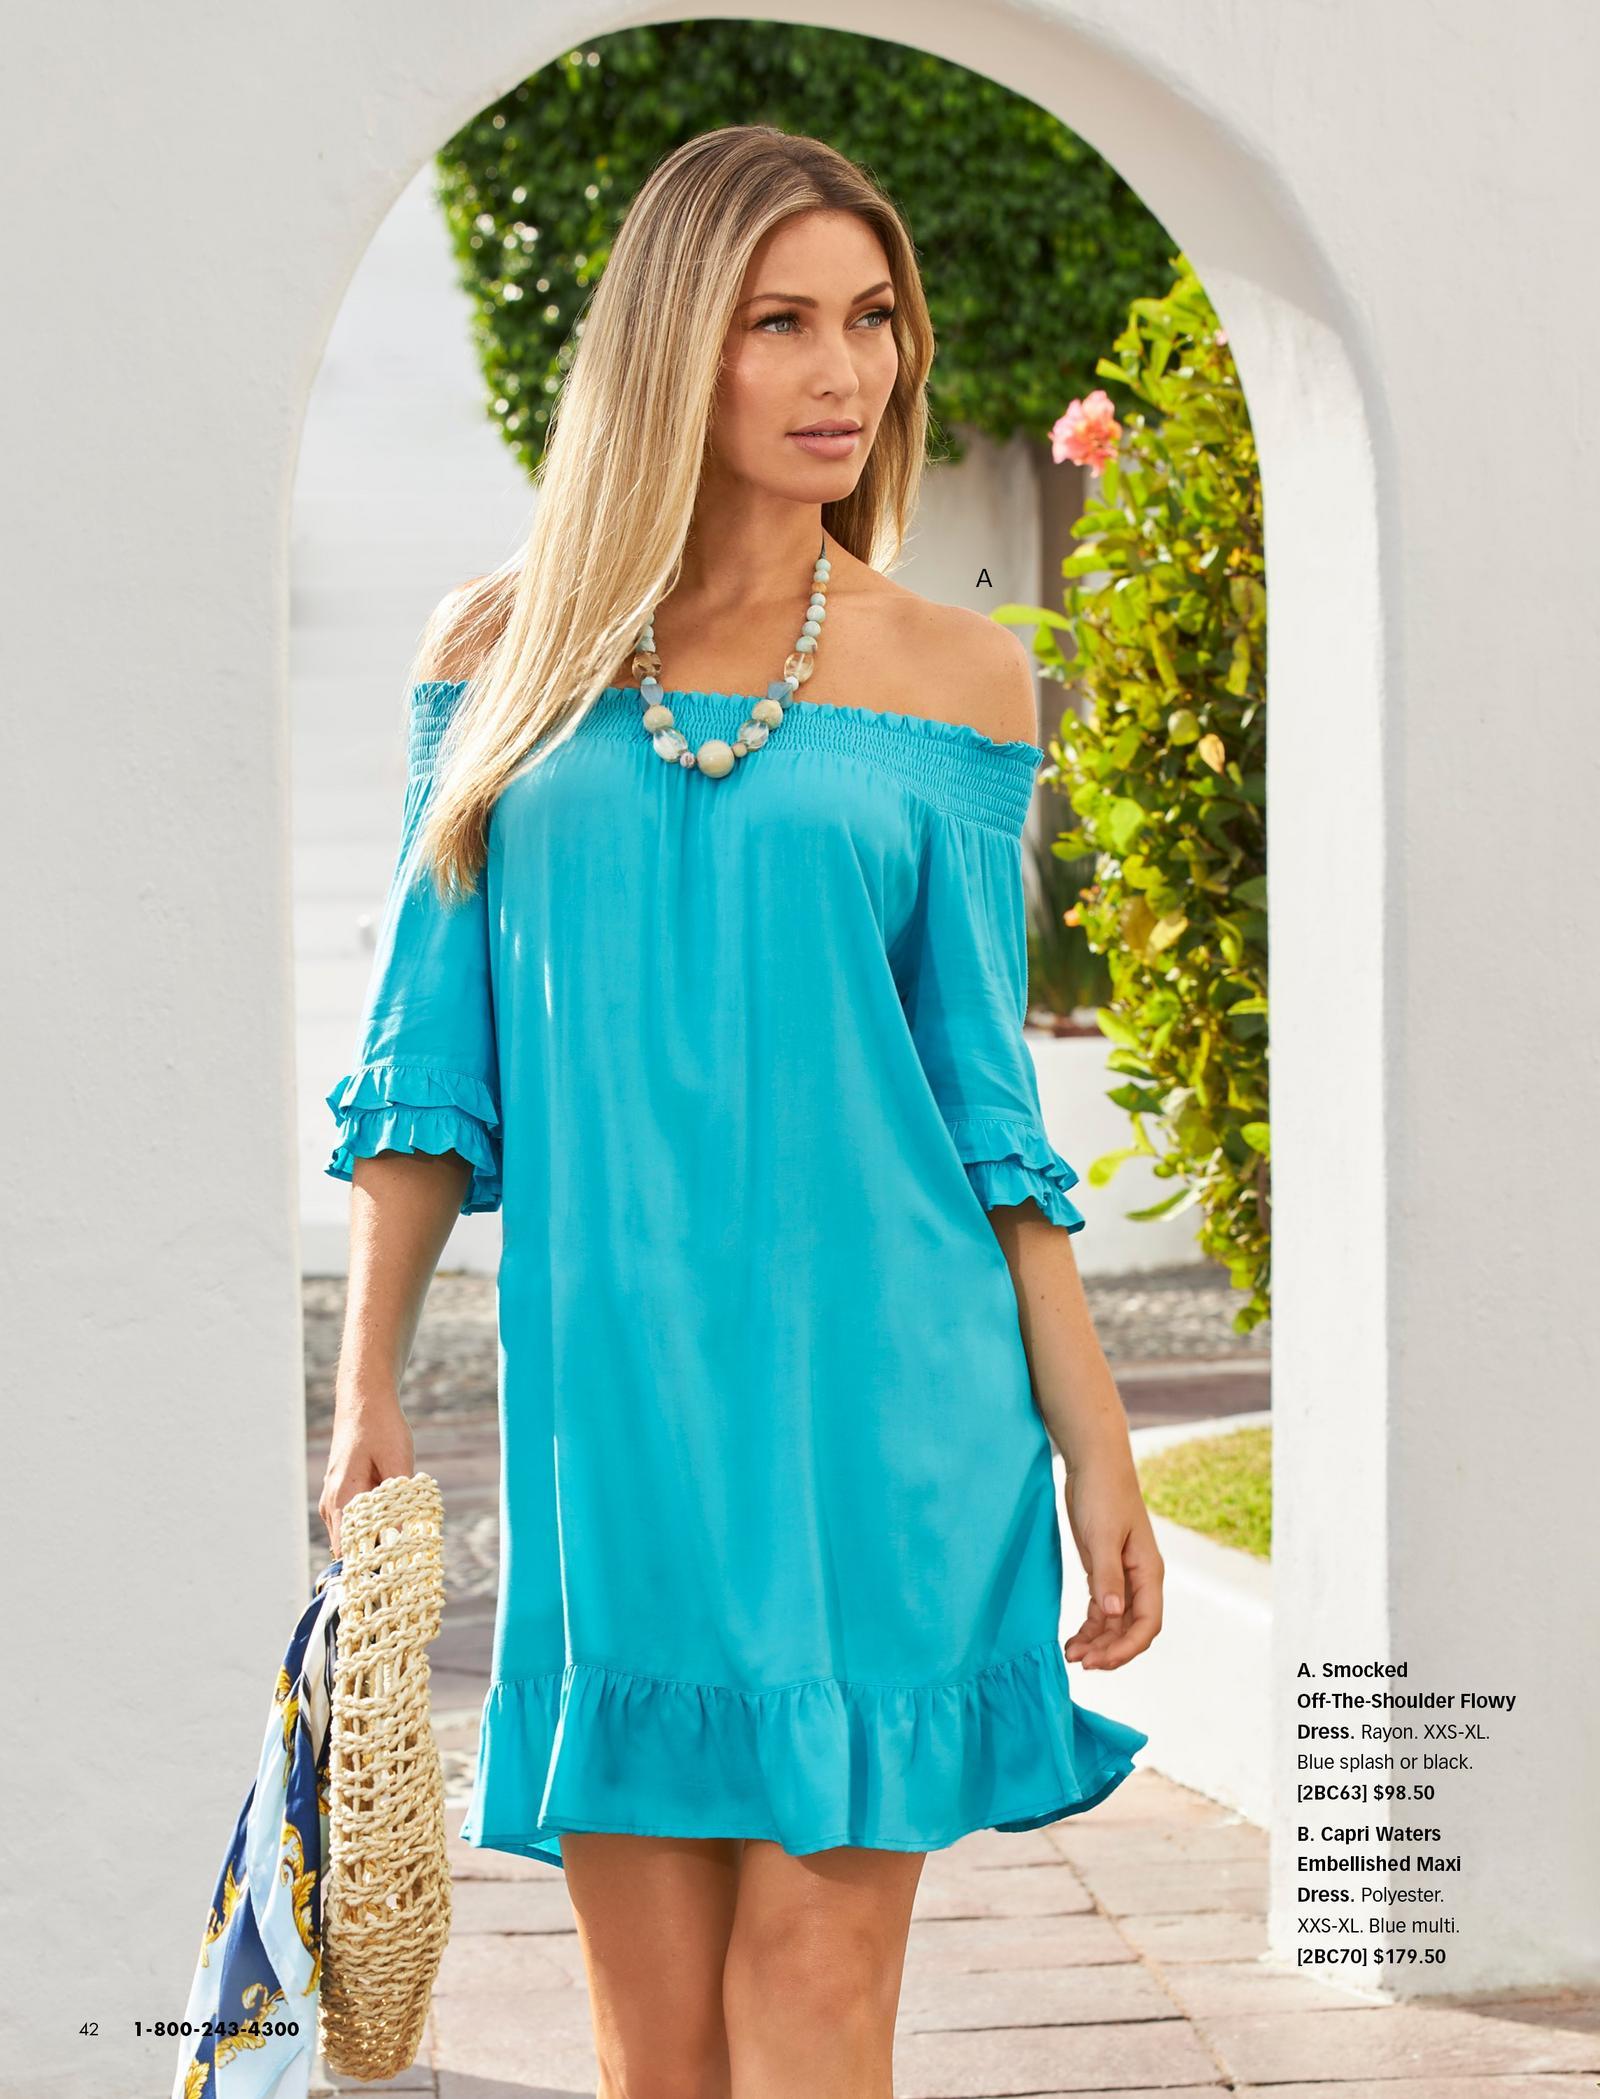 model wearing a light blue off-the-shoulder dress.